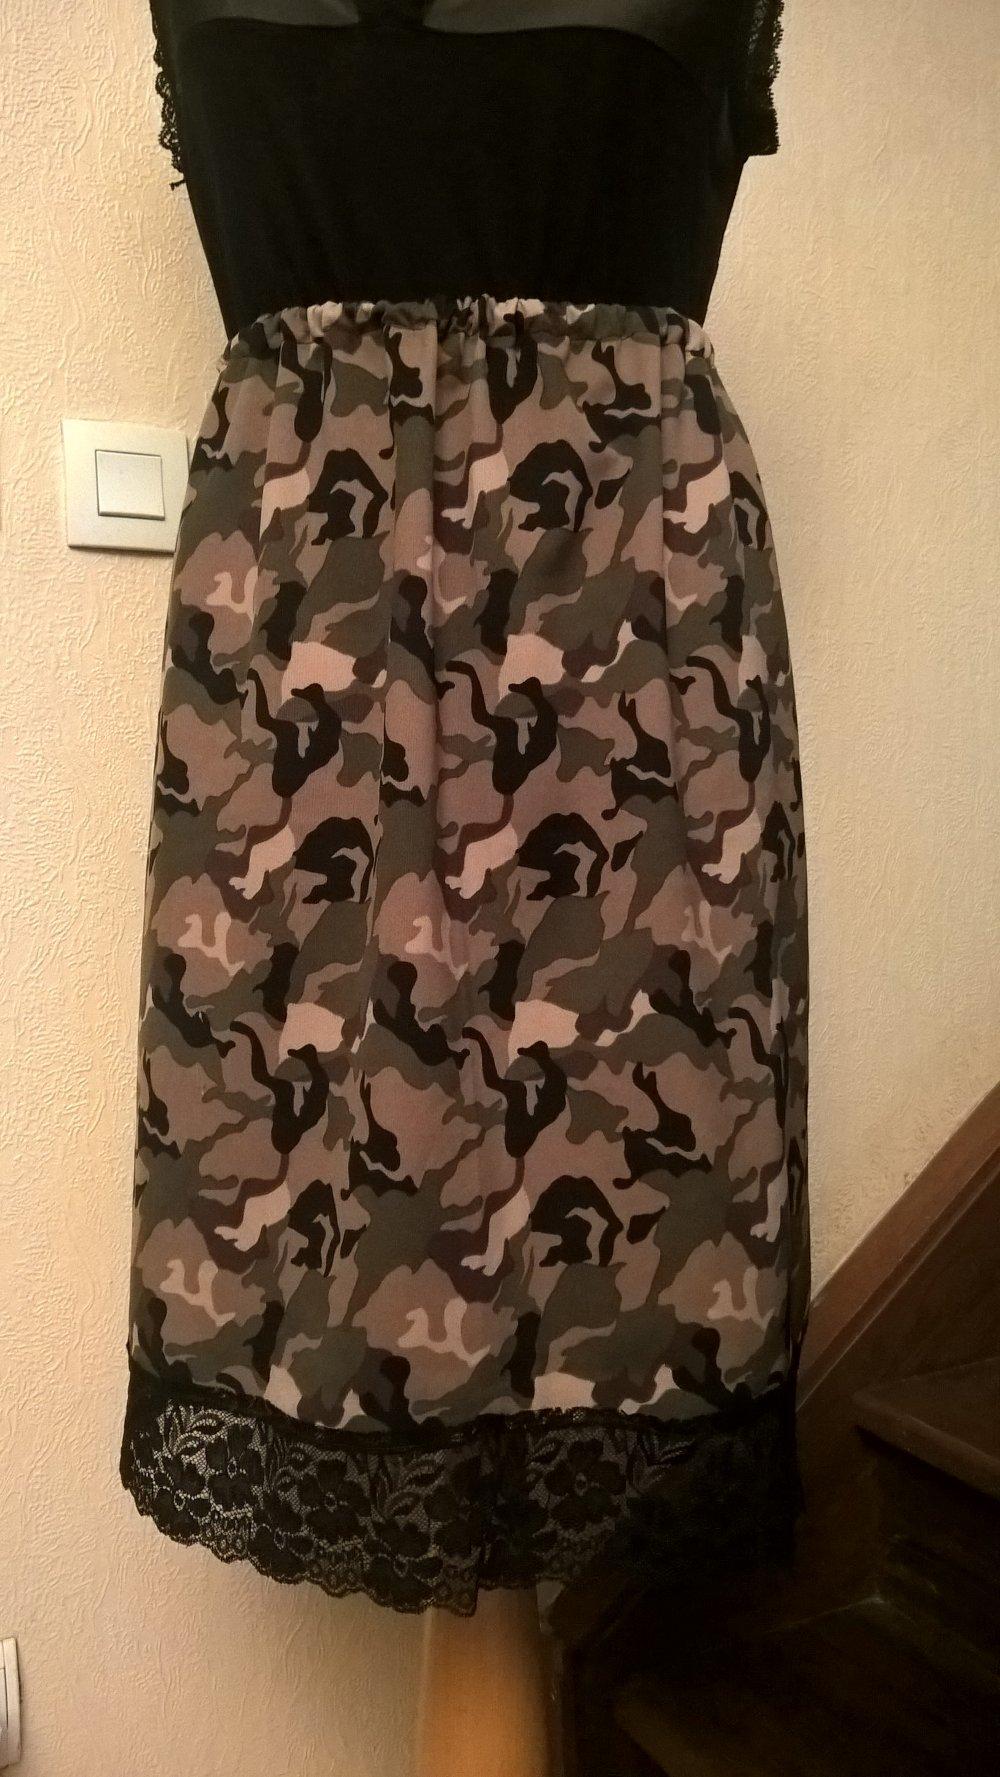 Grande taille,jupe femme,motifs camouflage,couleur kaki et beige,cadeau femme,cadeau fille,vêtements femme,vêtements fille,jupe